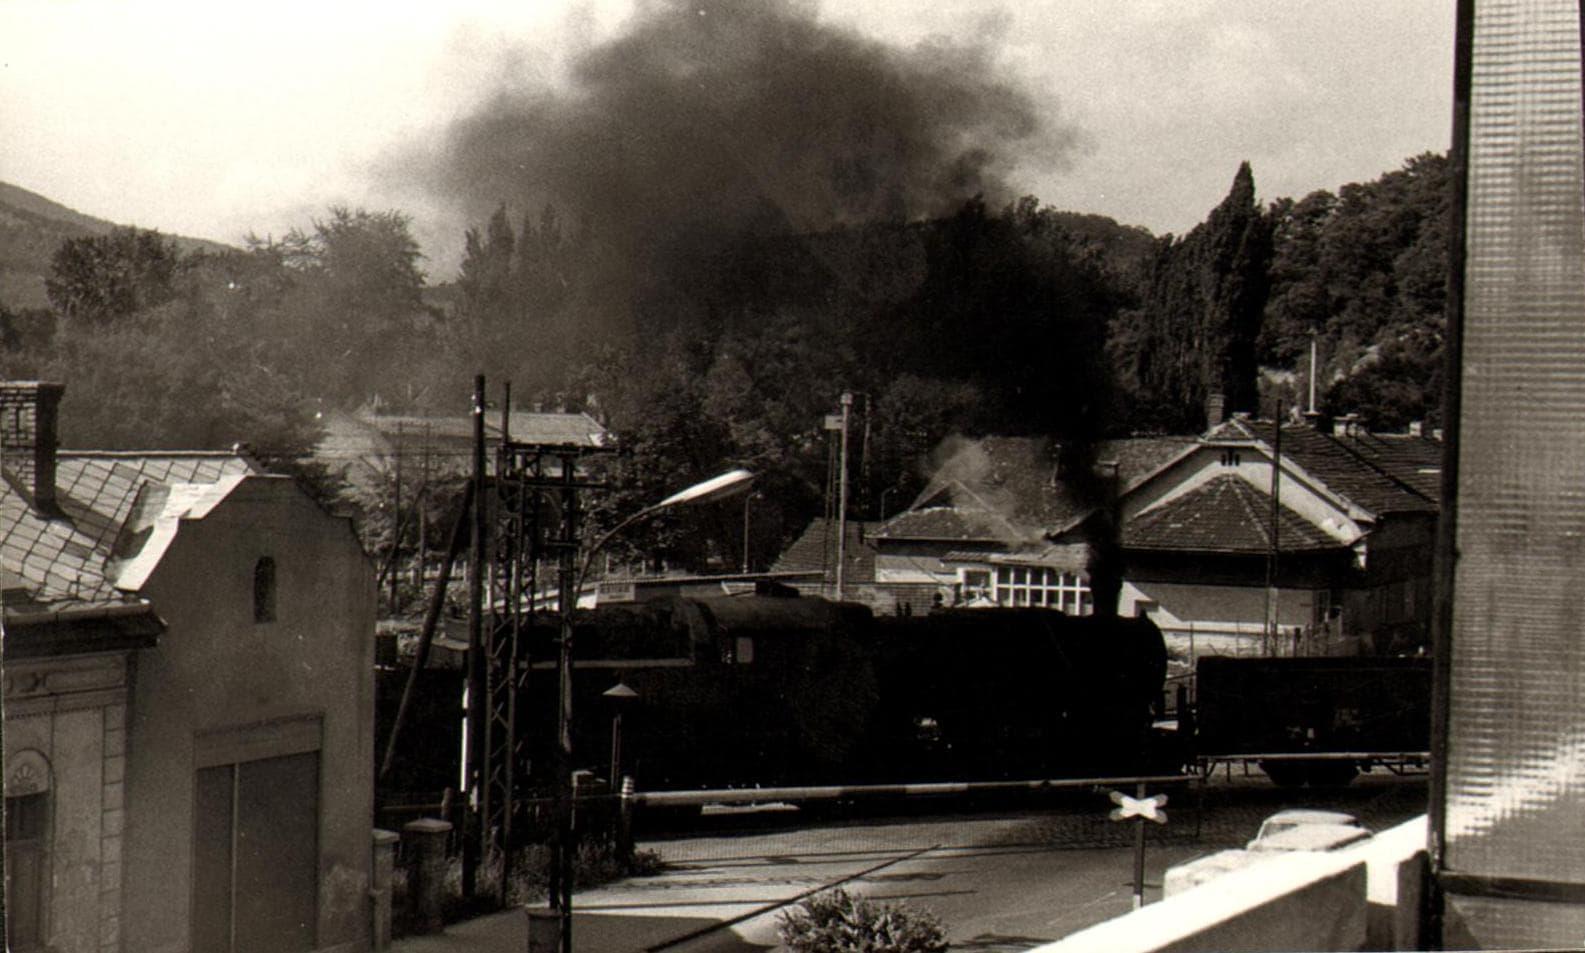 tehervonat szerelveny az acelgyari vaganyon 1970